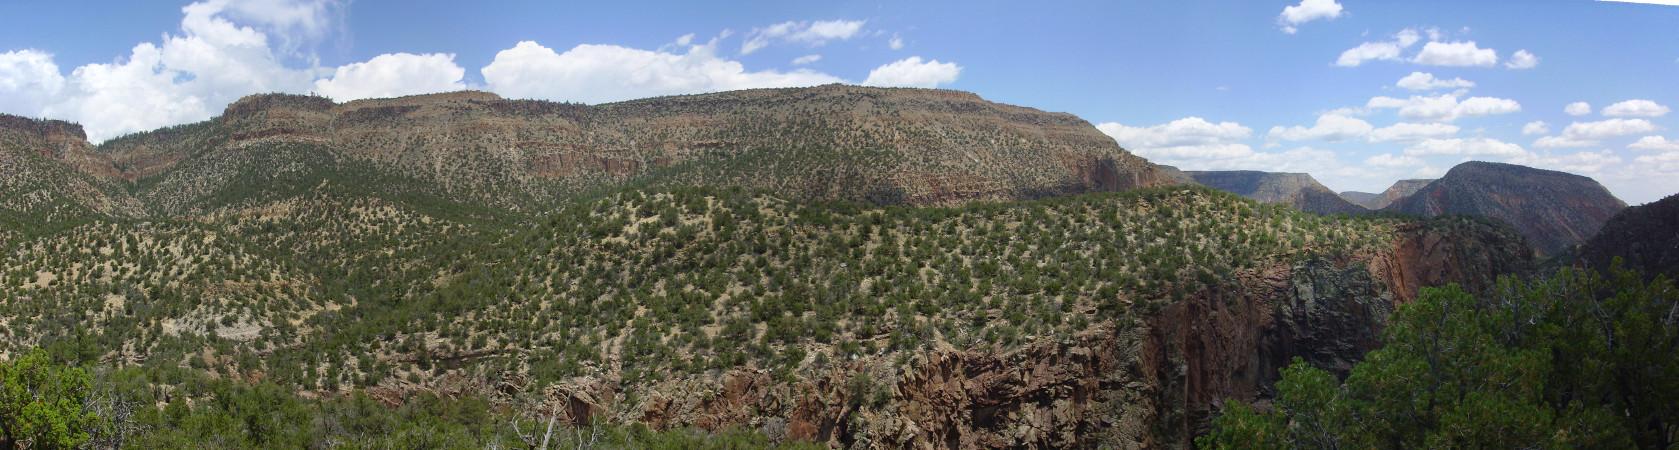 Carboniferous at Guadalupe Box